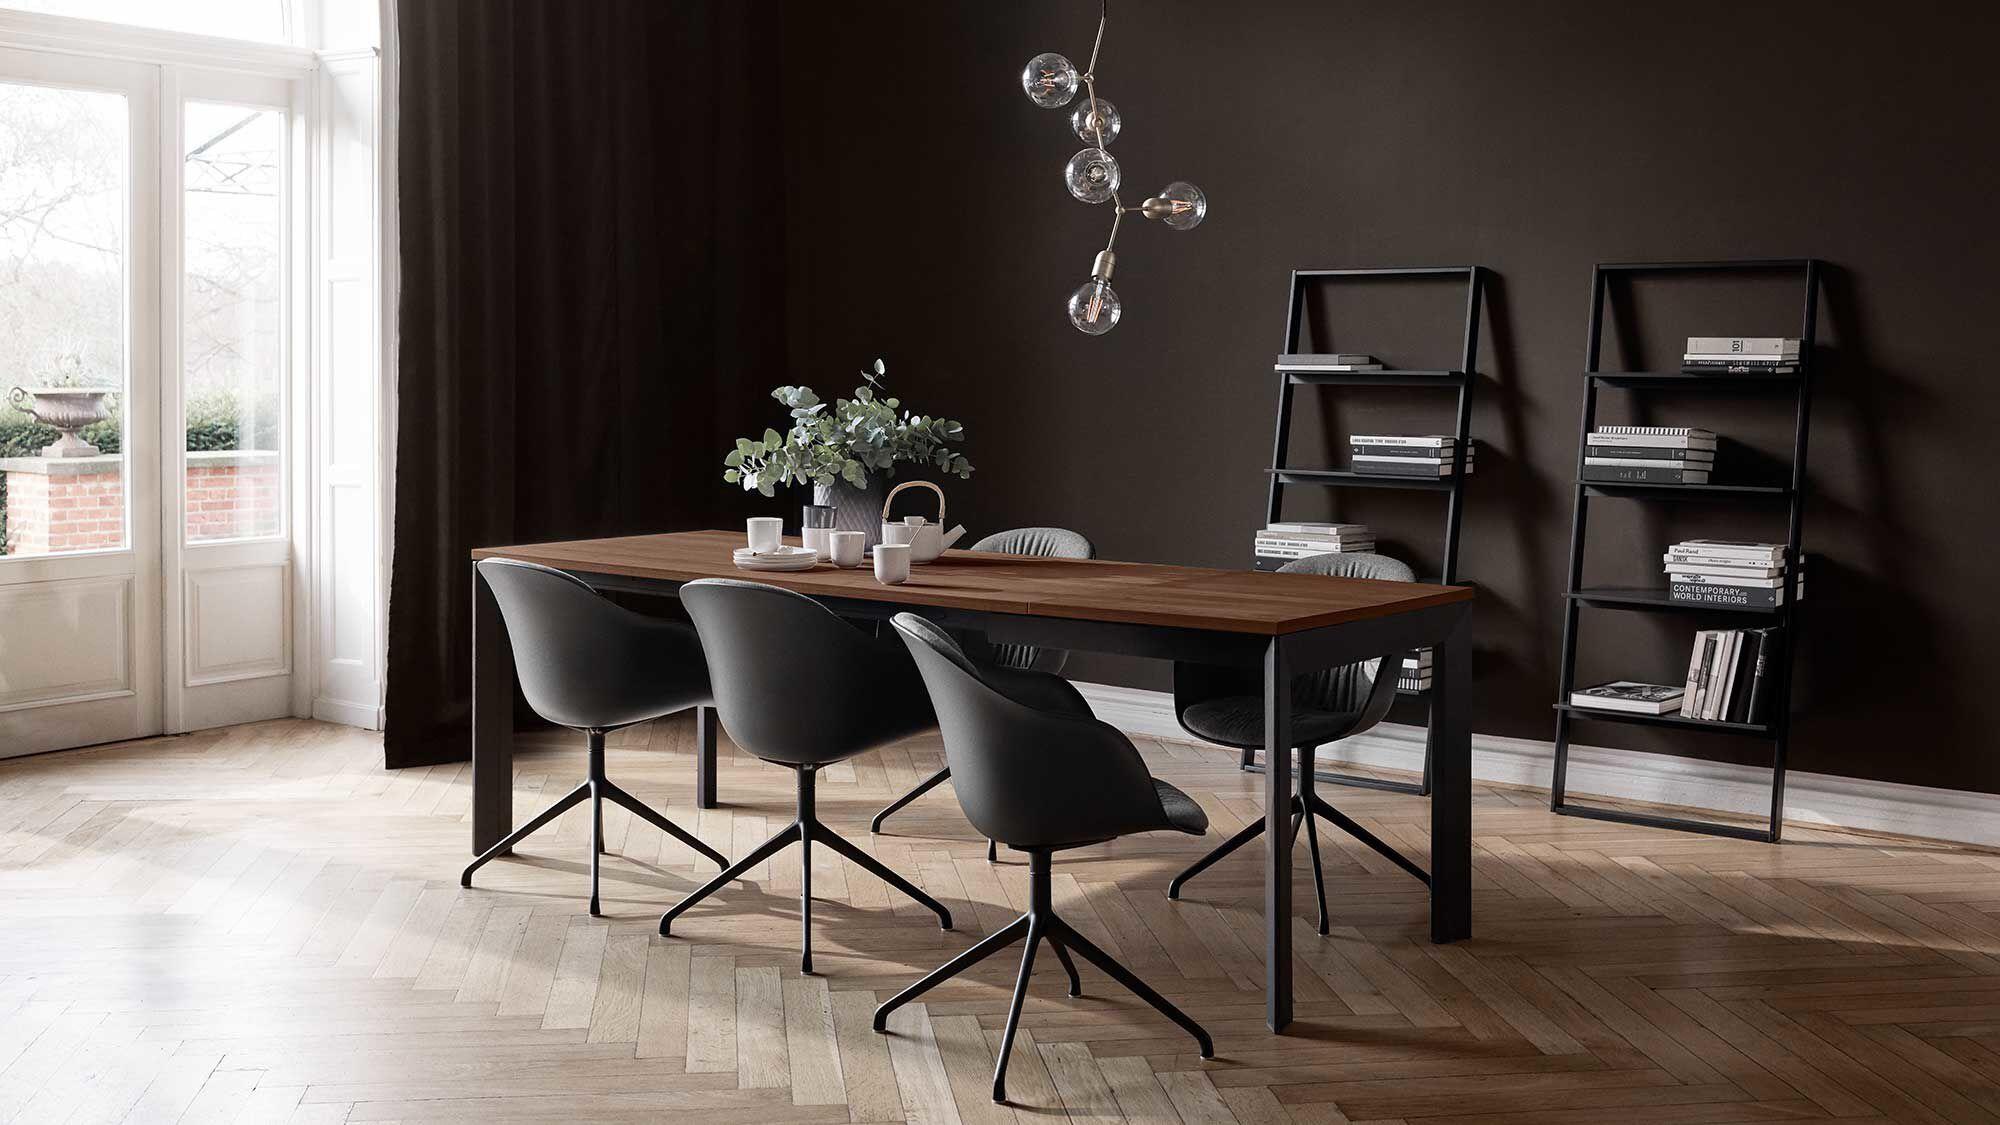 Rozkladacie jedálenské stoly - Rozkladací jedálenský stôl Lyon s prídavnou stolovou doskou